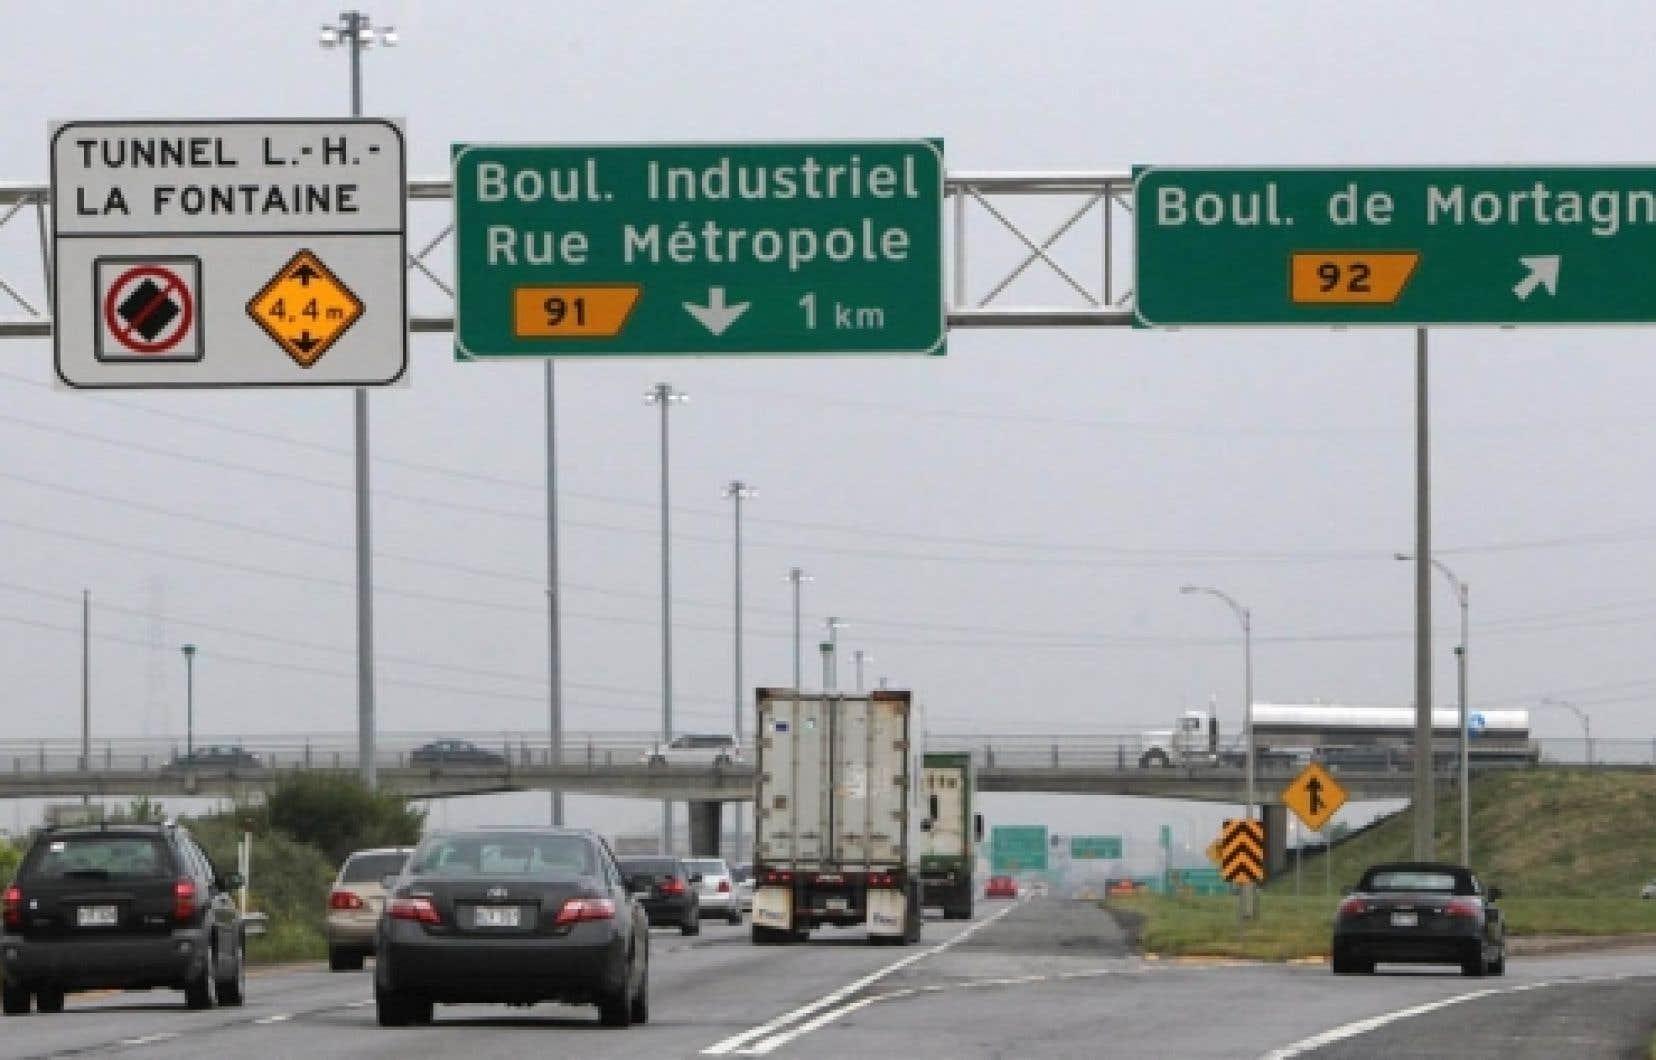 Panneaux de signalisation routi&egrave;re<br />